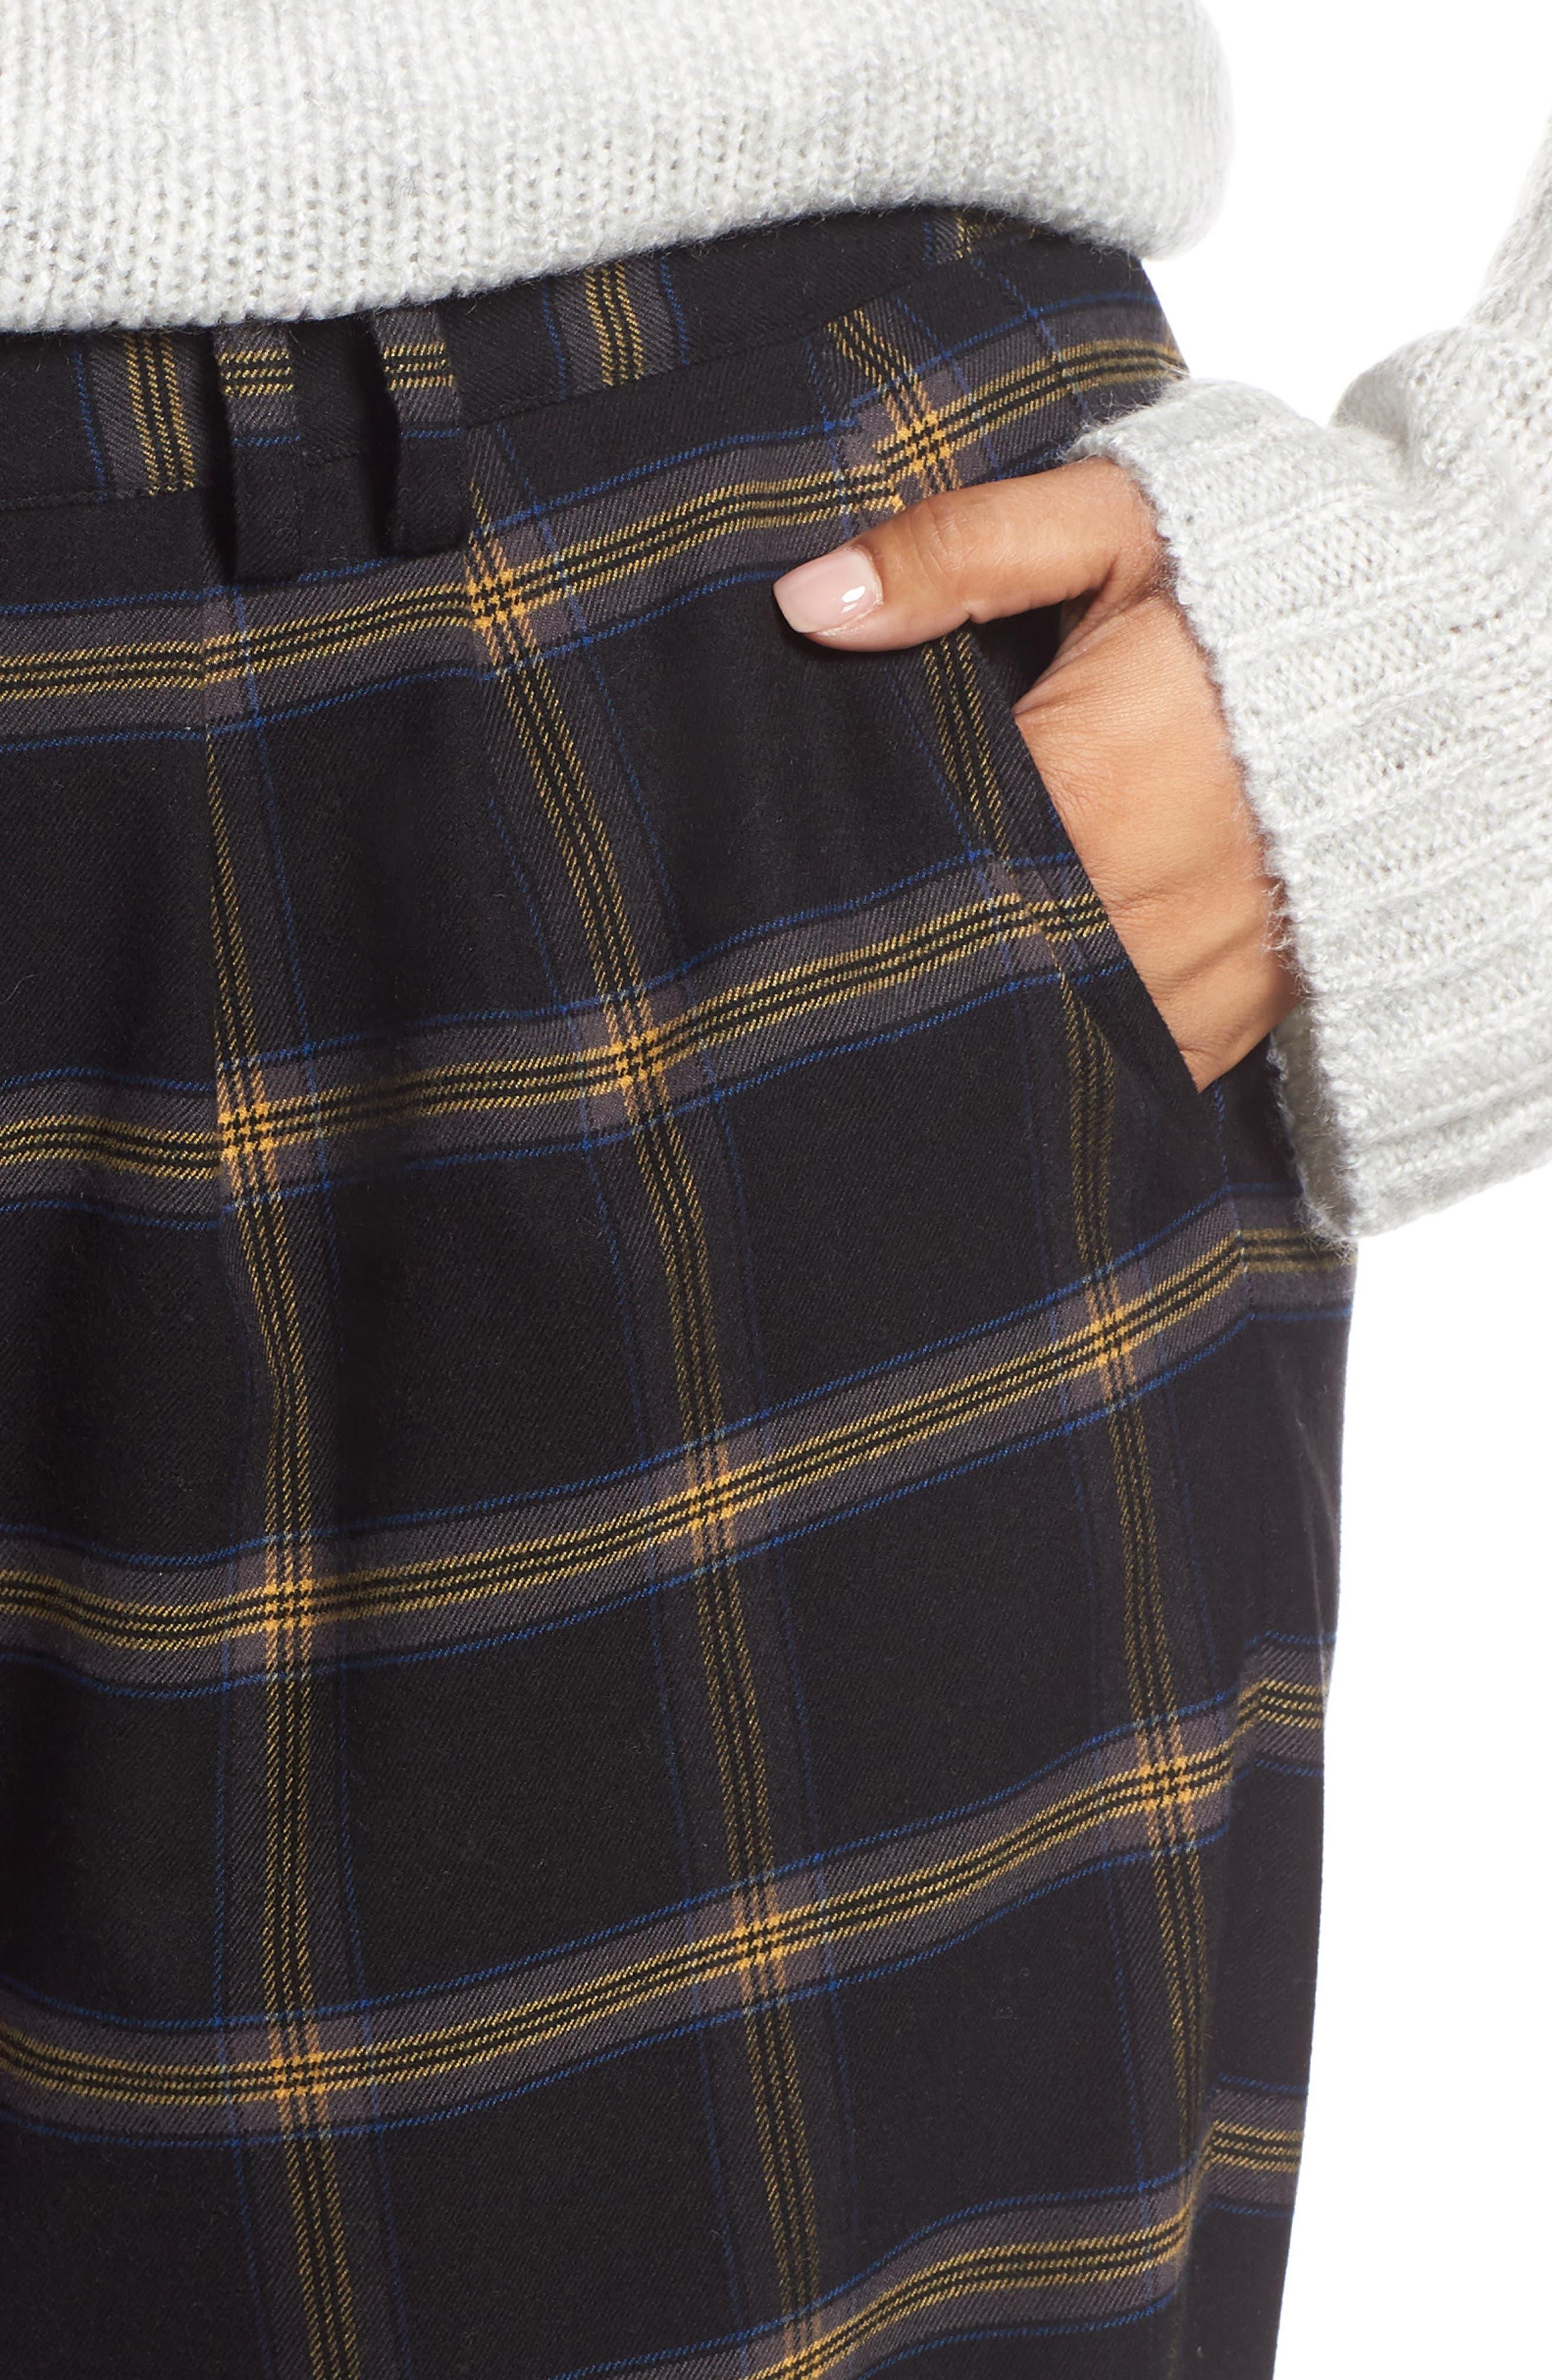 Plaid Menswear Crop Pants,                             Alternate thumbnail 4, color,                             BLACK SHANNON PLAID